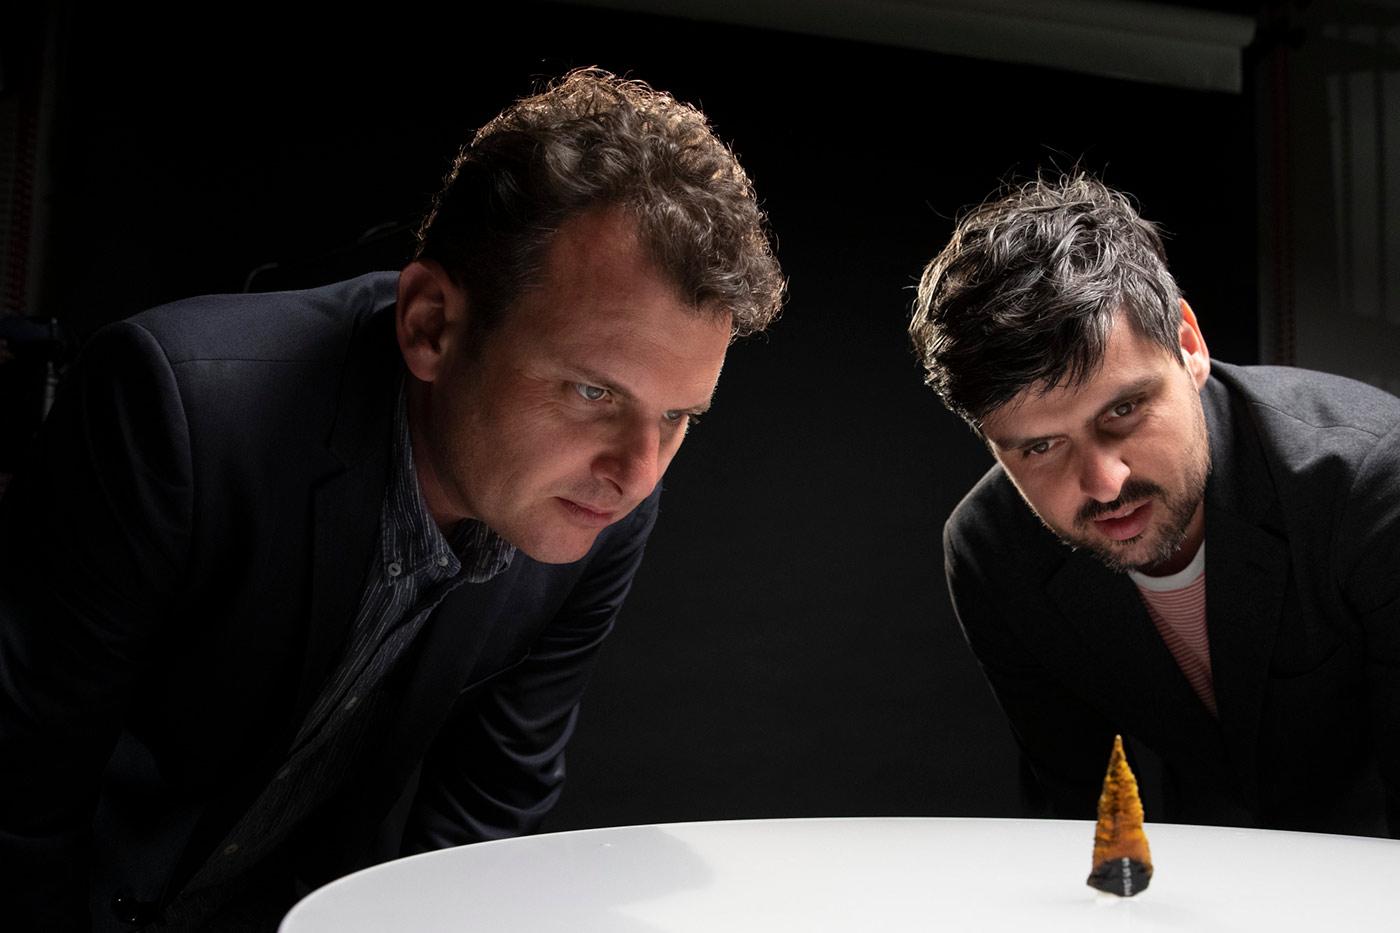 Slava and Leonard Grigoryan inspect an arrow point with an amber coloured head.